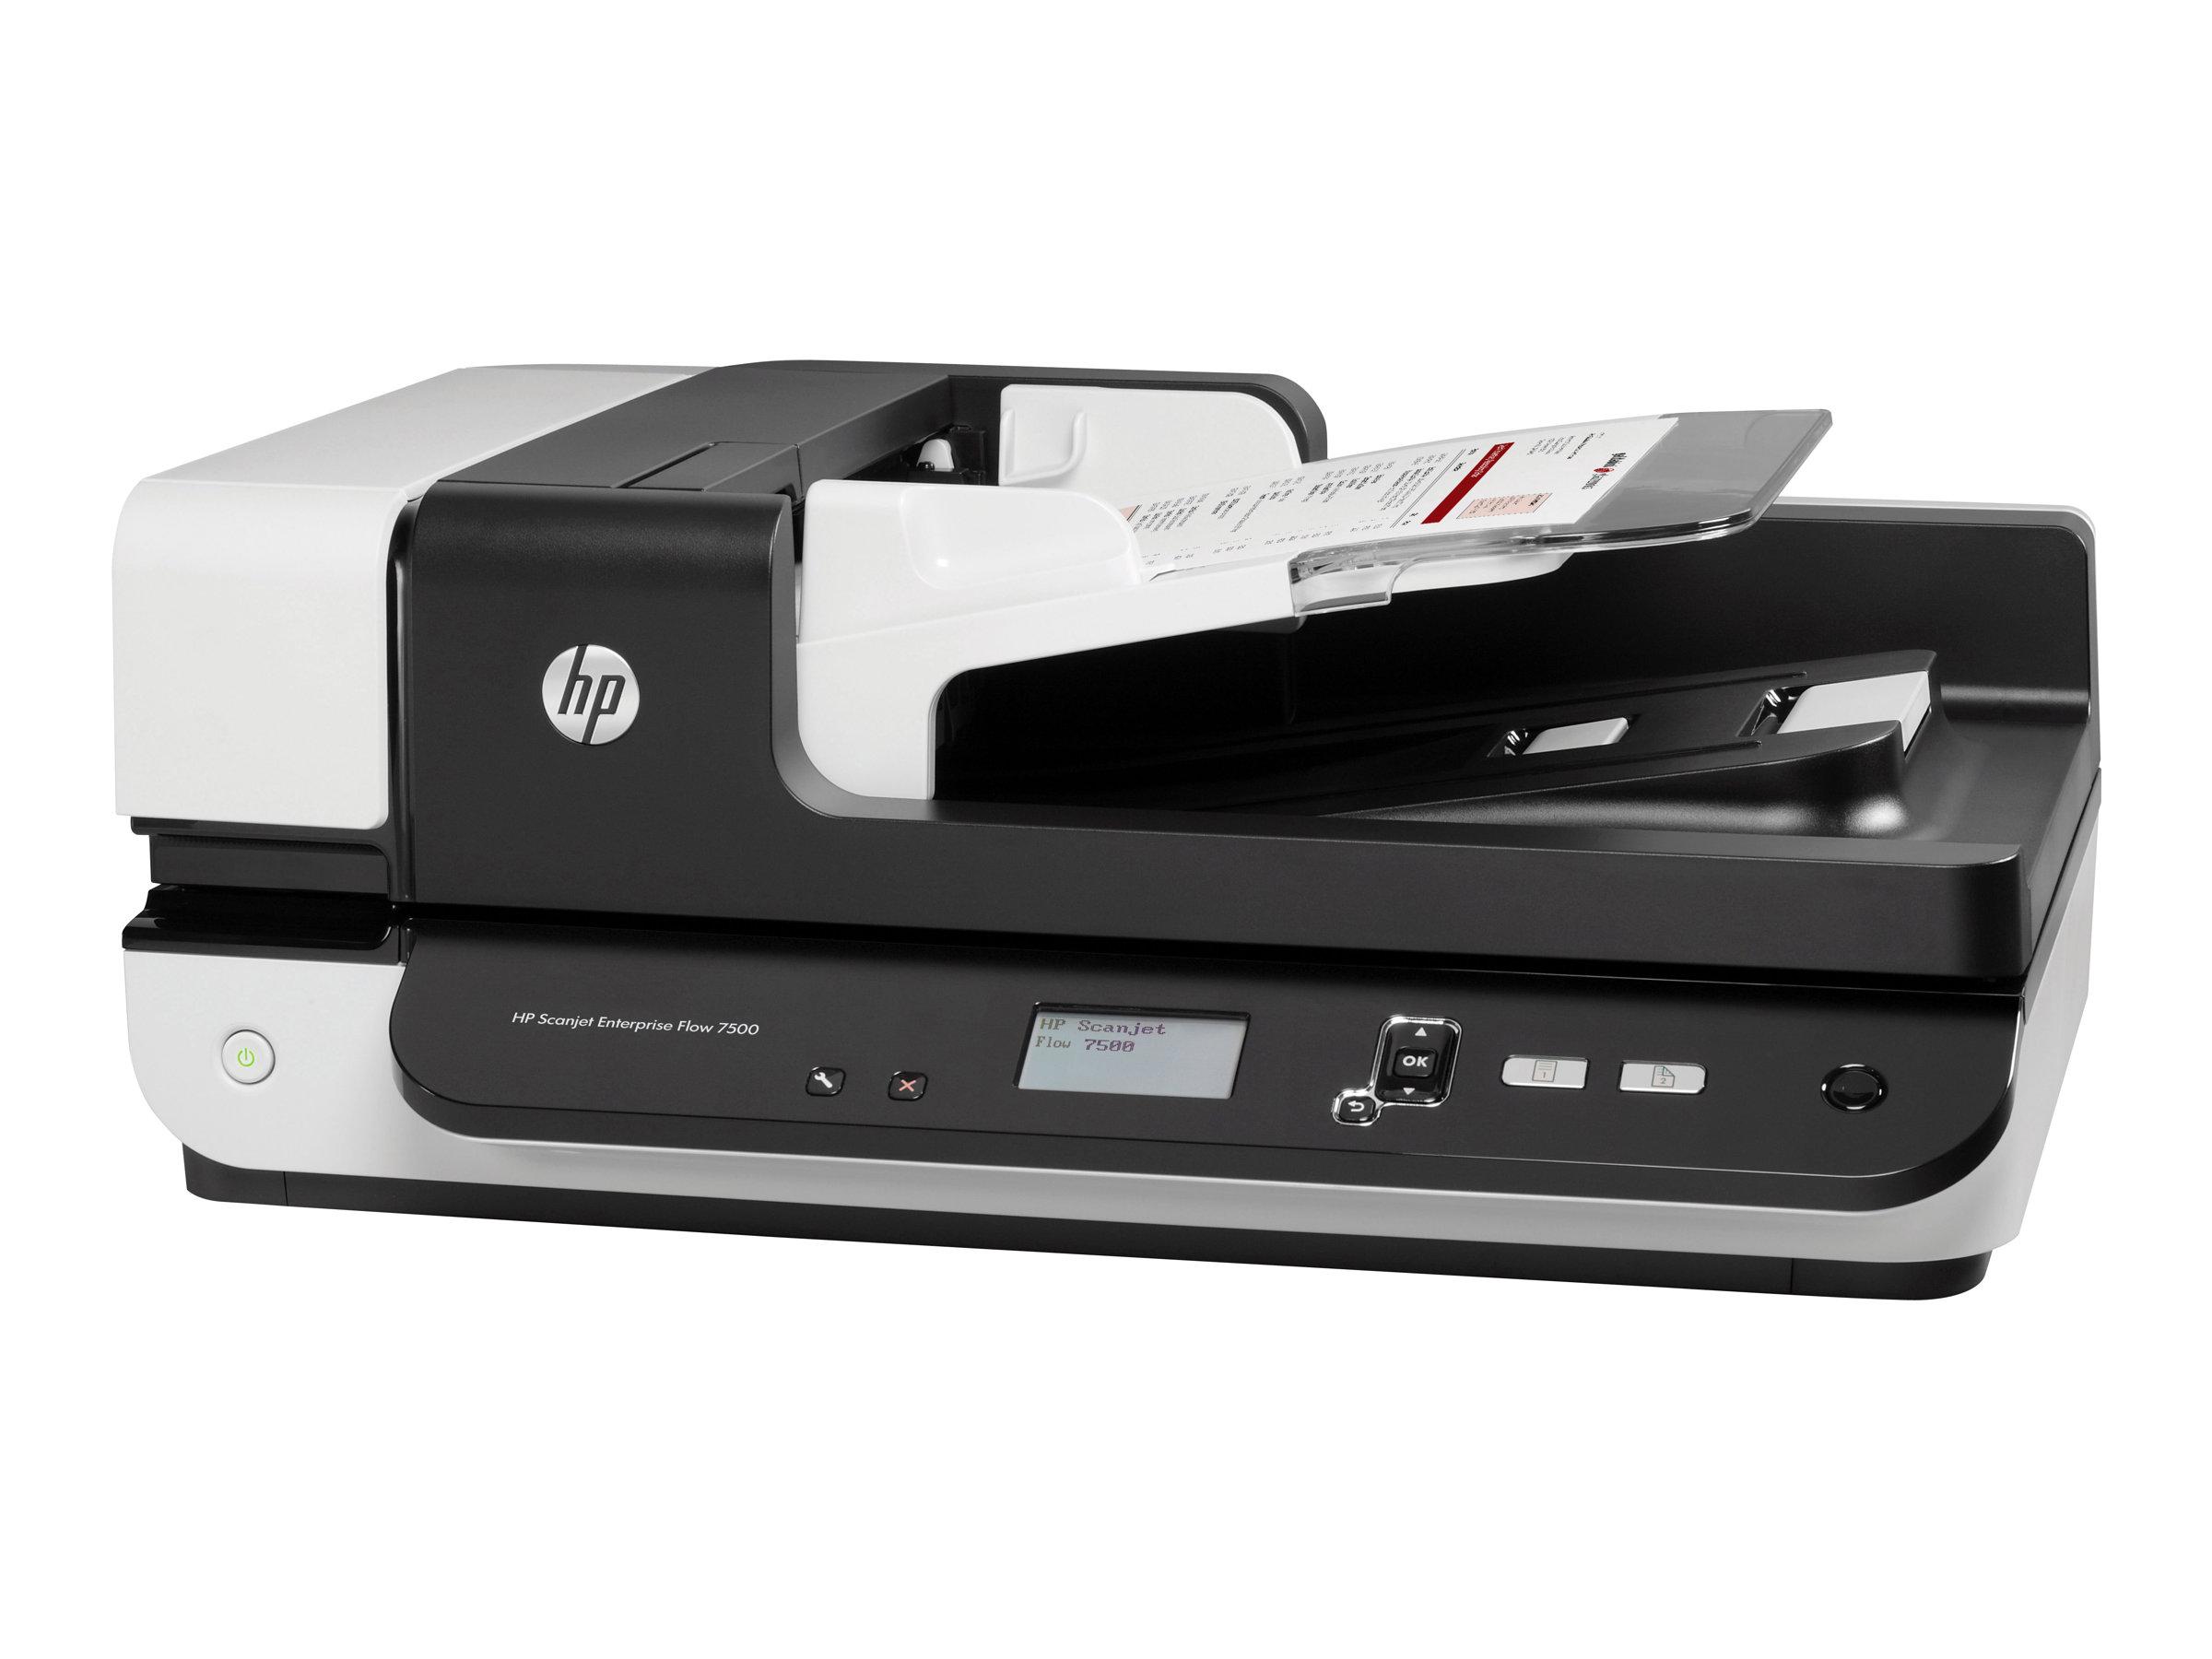 HP ScanJet Enterprise Flow 7500 - Dokumentenscanner - Duplex - 216 x 864 mm - 600 dpi x 600 dpi - bis zu 50 Seiten/Min. (einfarb